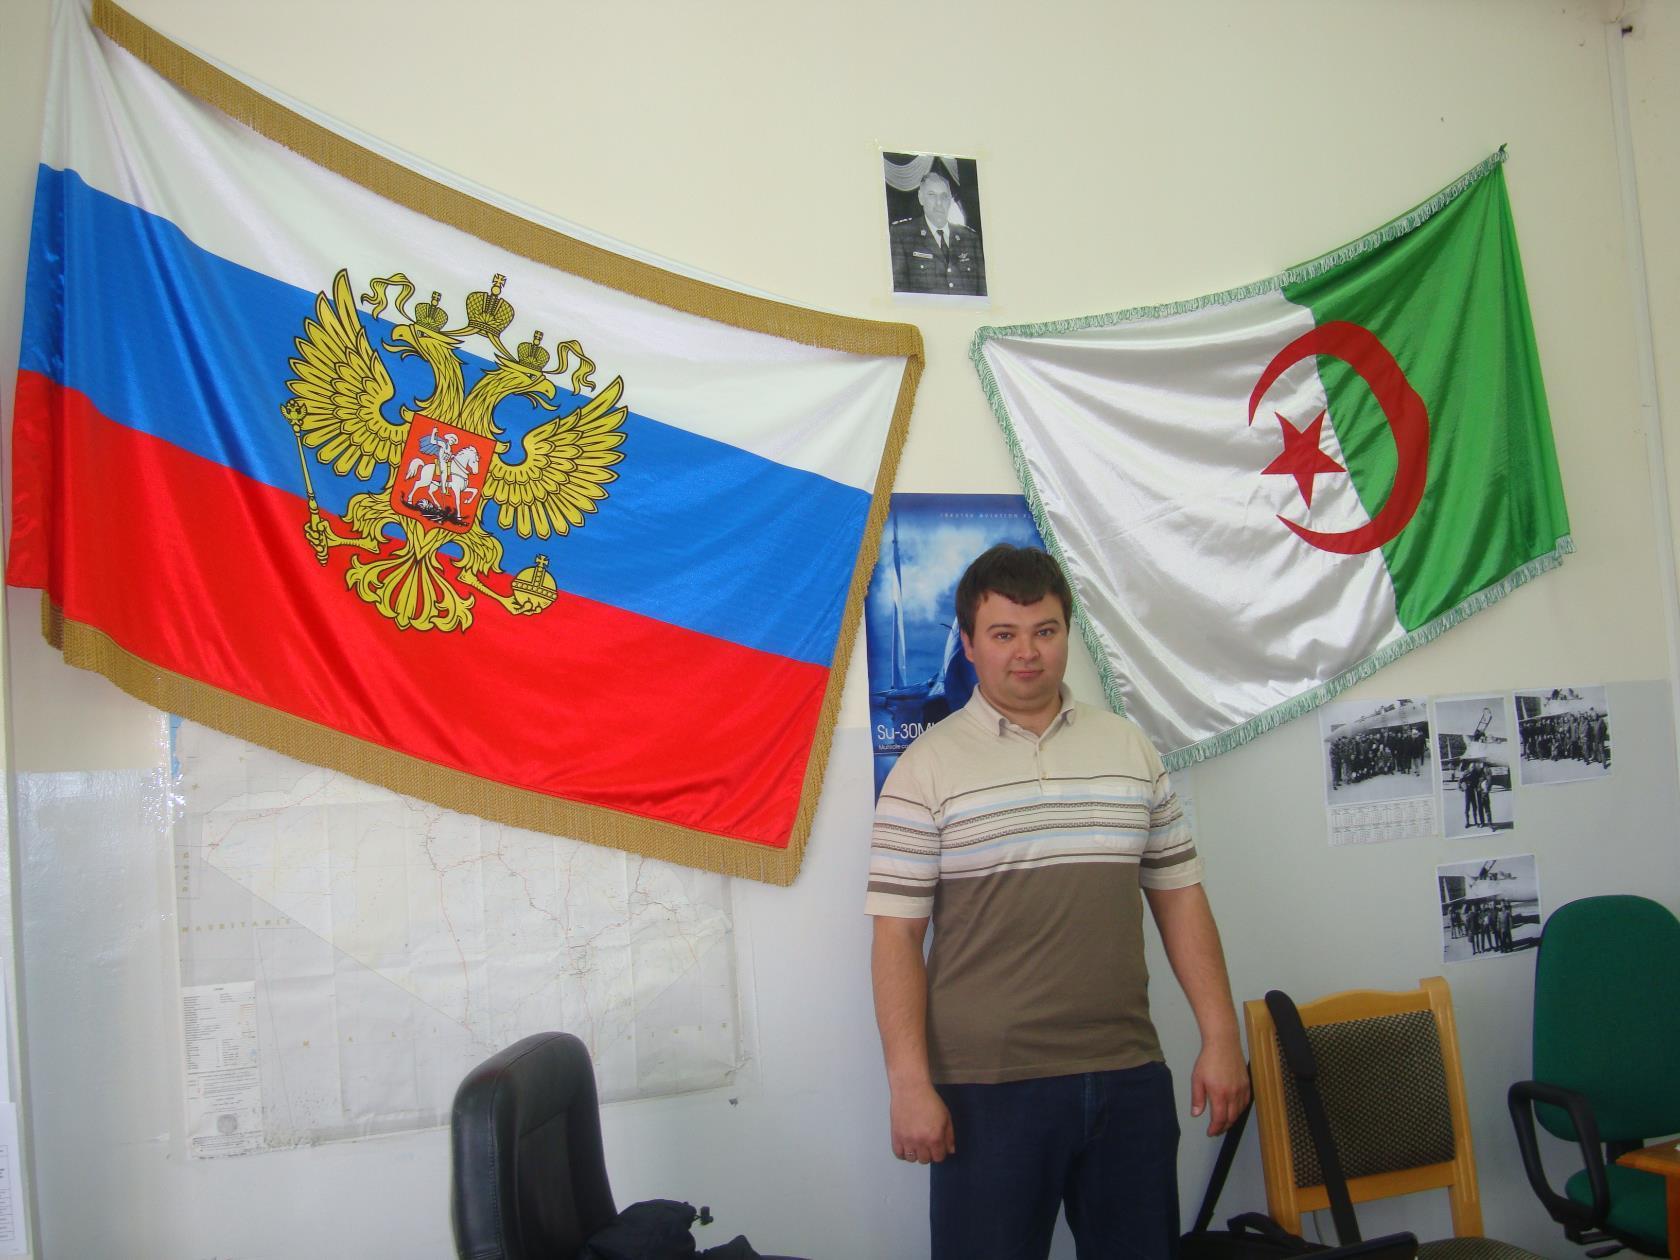 العلاقات الجزائرية الروسية - صفحة 2 26046532885_83a8726732_o